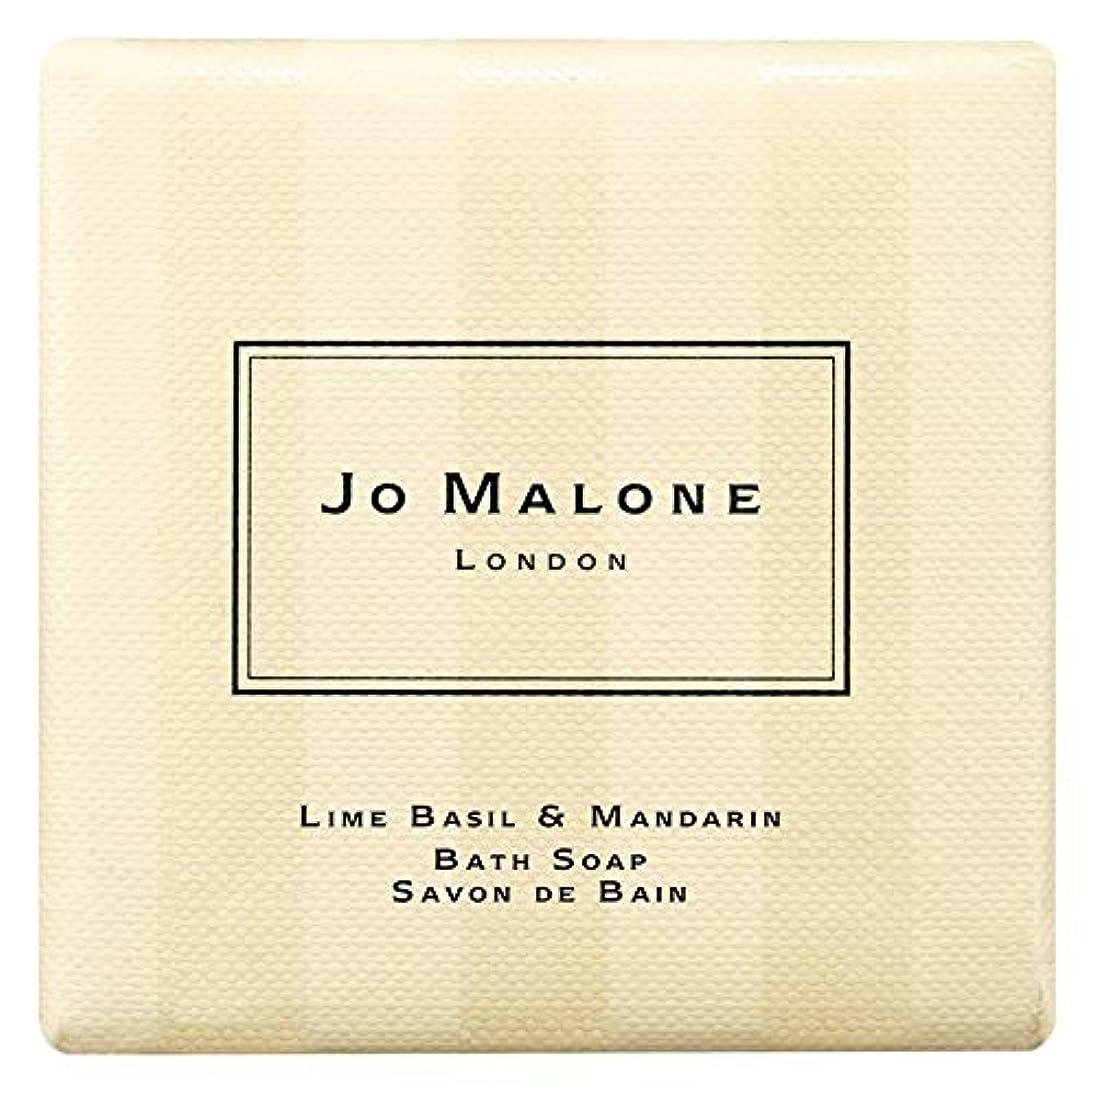 騒乱焼くスキャン[Jo Malone] ジョーマローンロンドンライムバジル&マンダリンお風呂の石鹸100グラム - Jo Malone London Lime Basil & Mandarin Bath Soap 100g [並行輸入品]